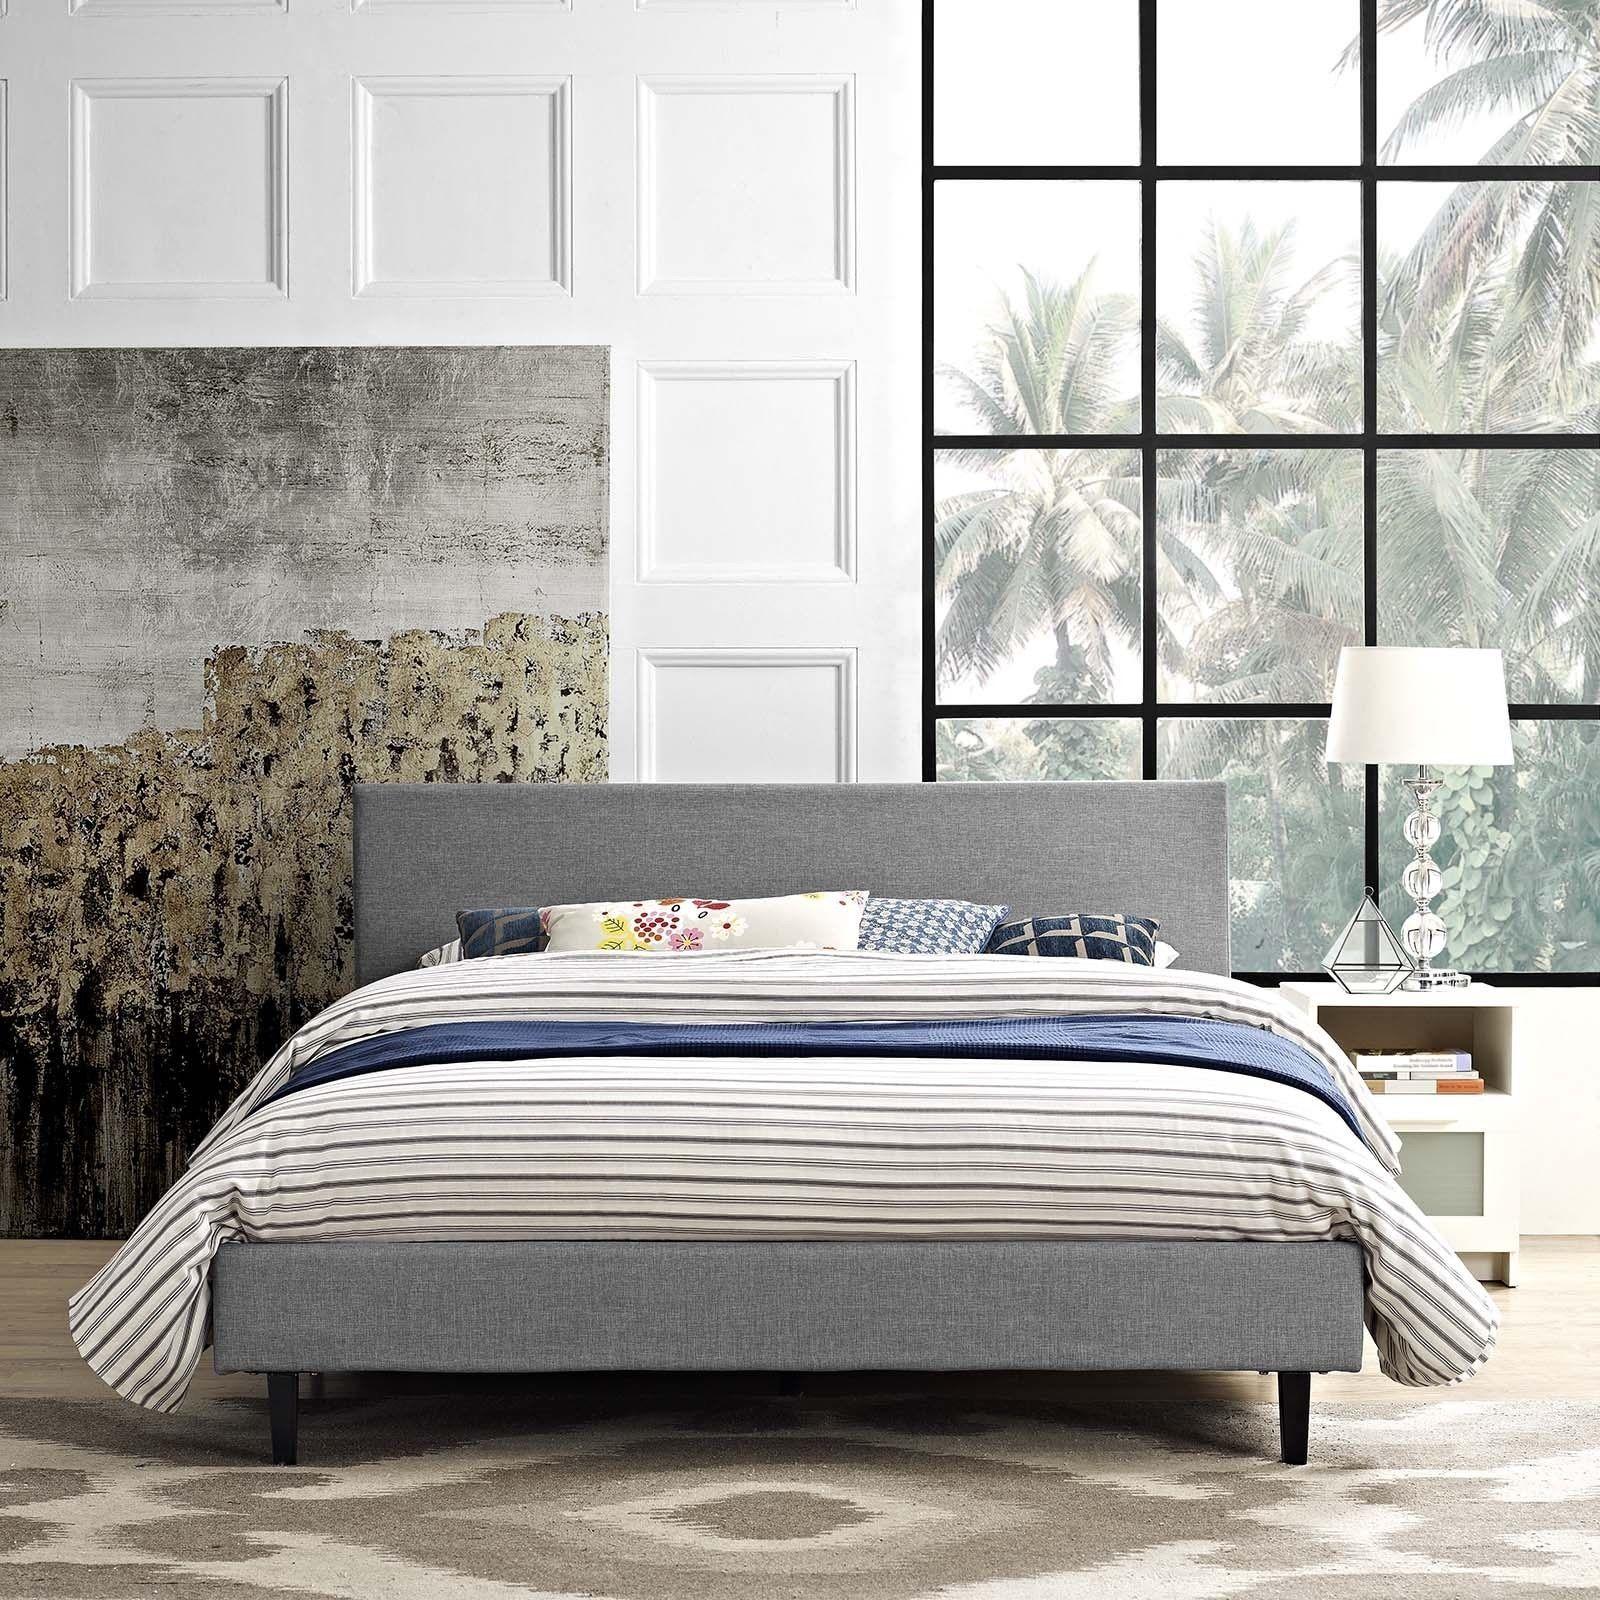 Anya Fabric Full-Size Platform Bed by Modway | Plattform und Betten